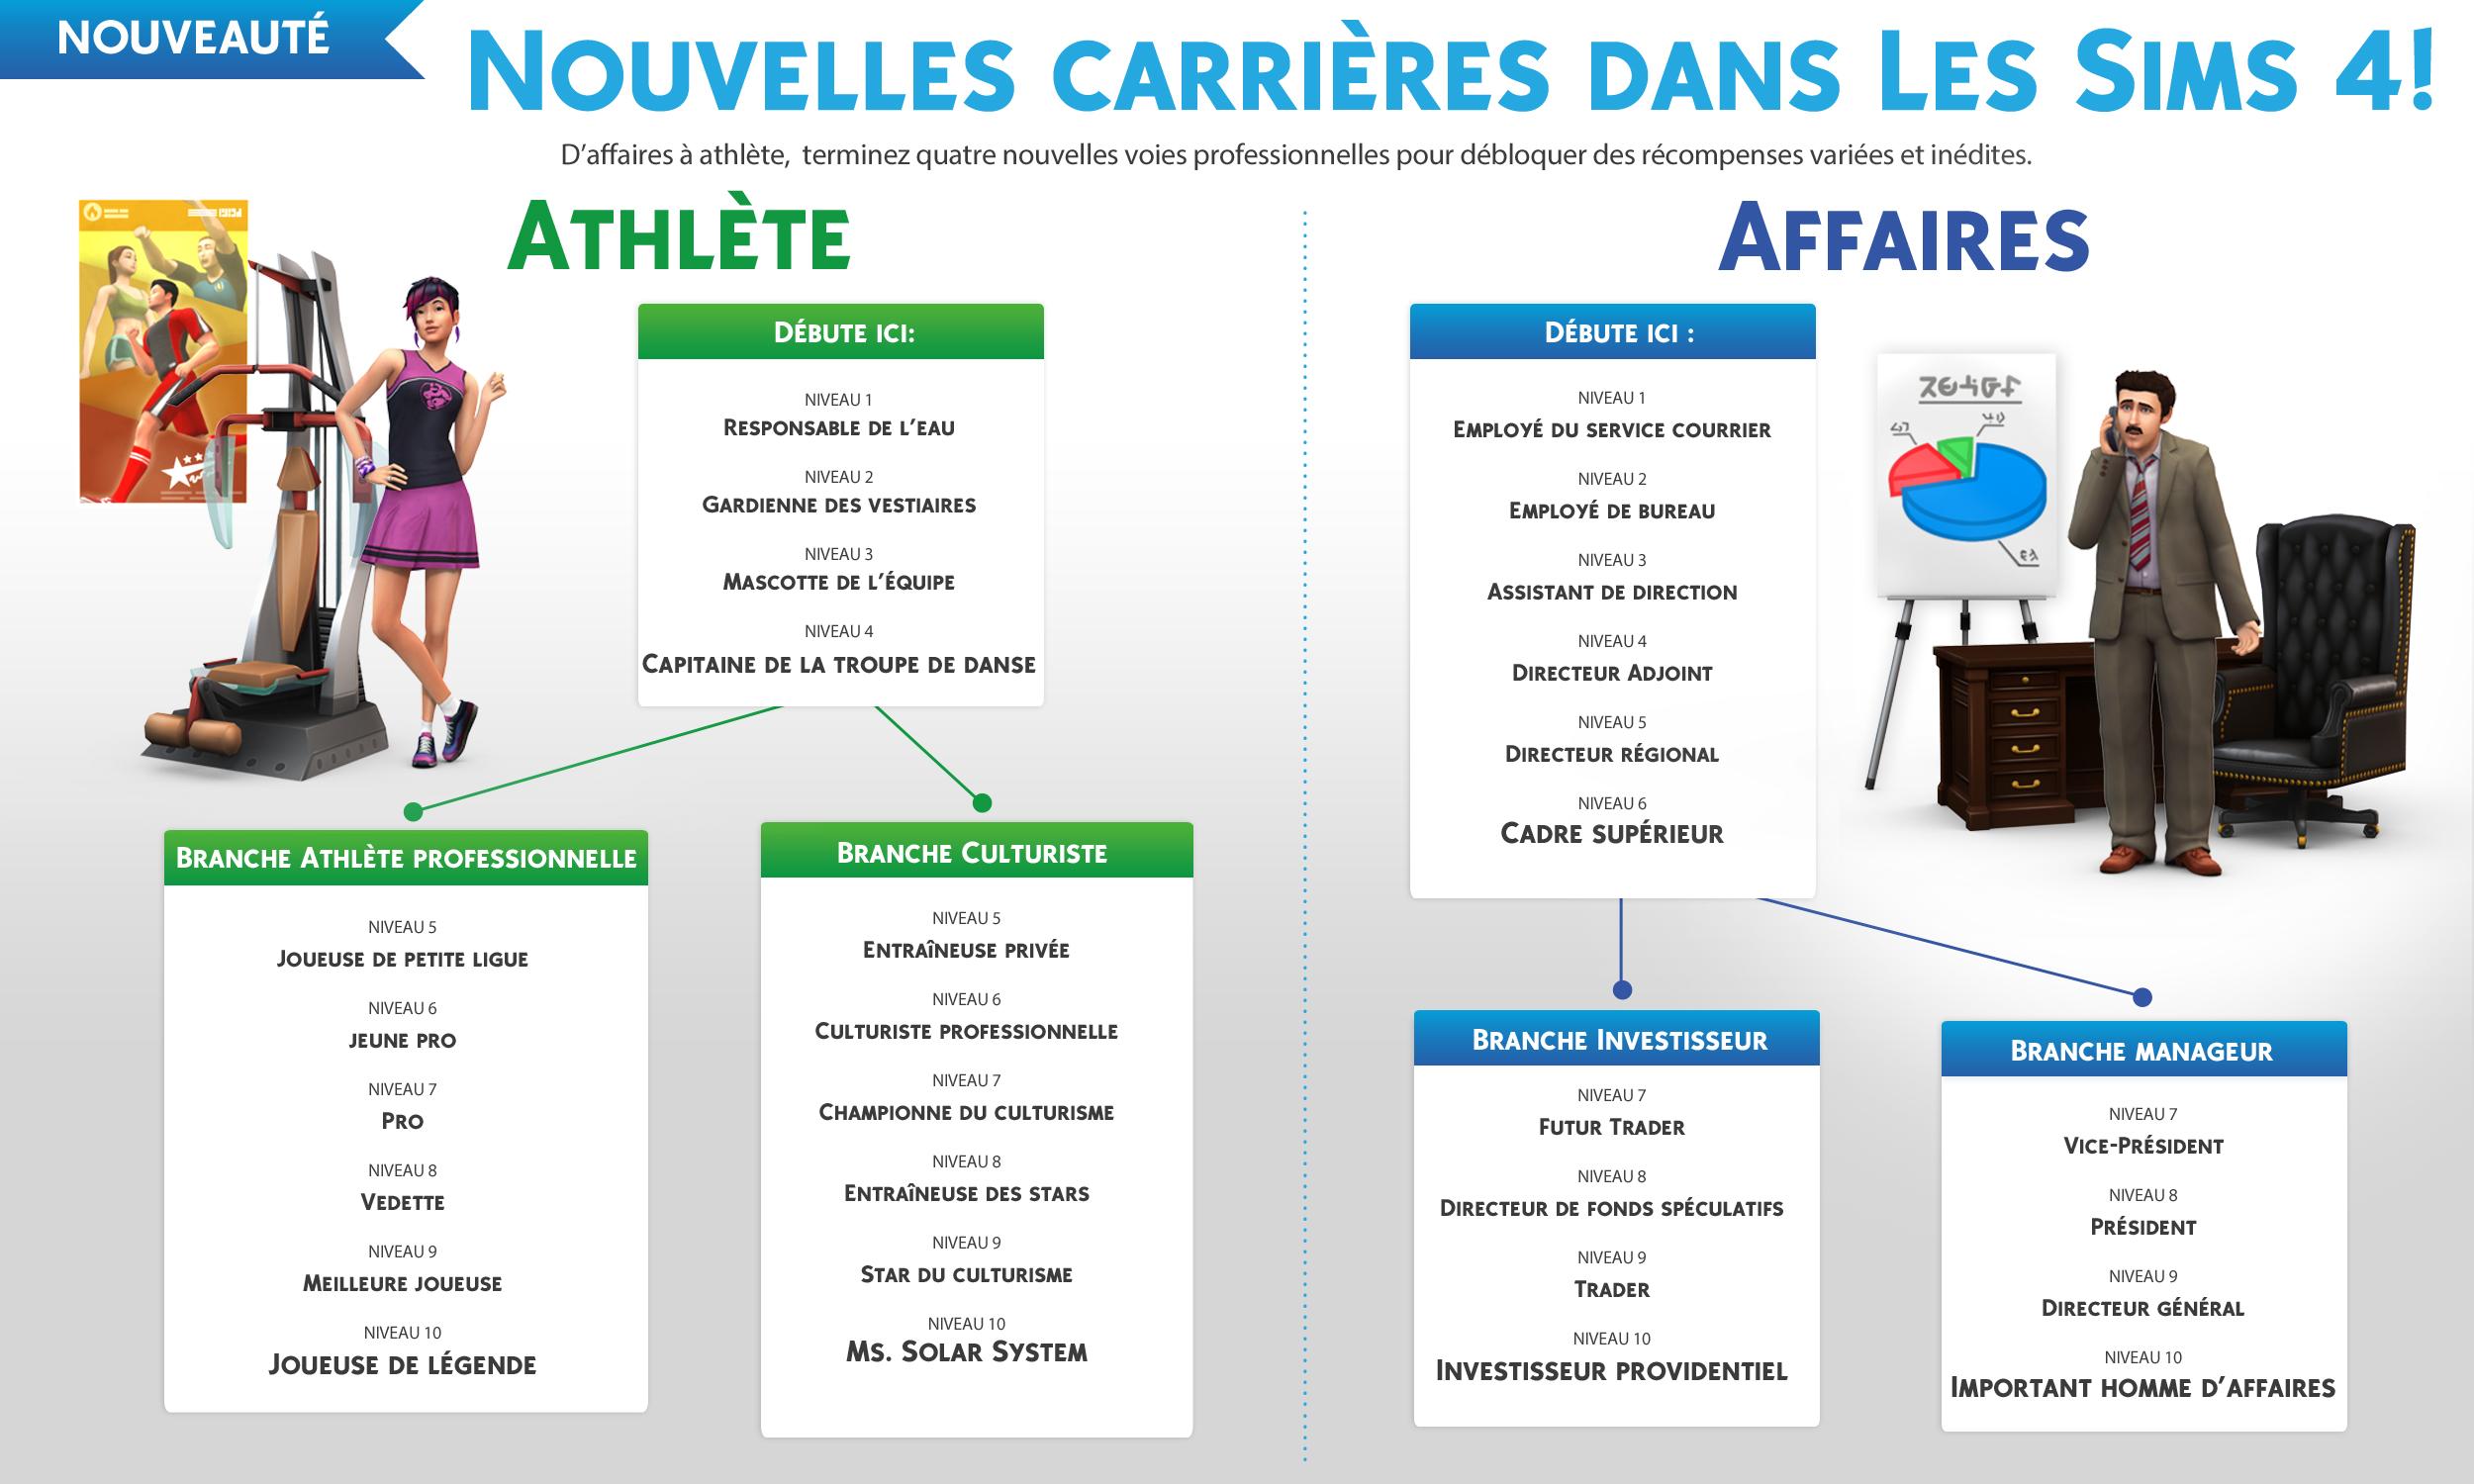 Infographie Carrières Les Sims 4.jpg